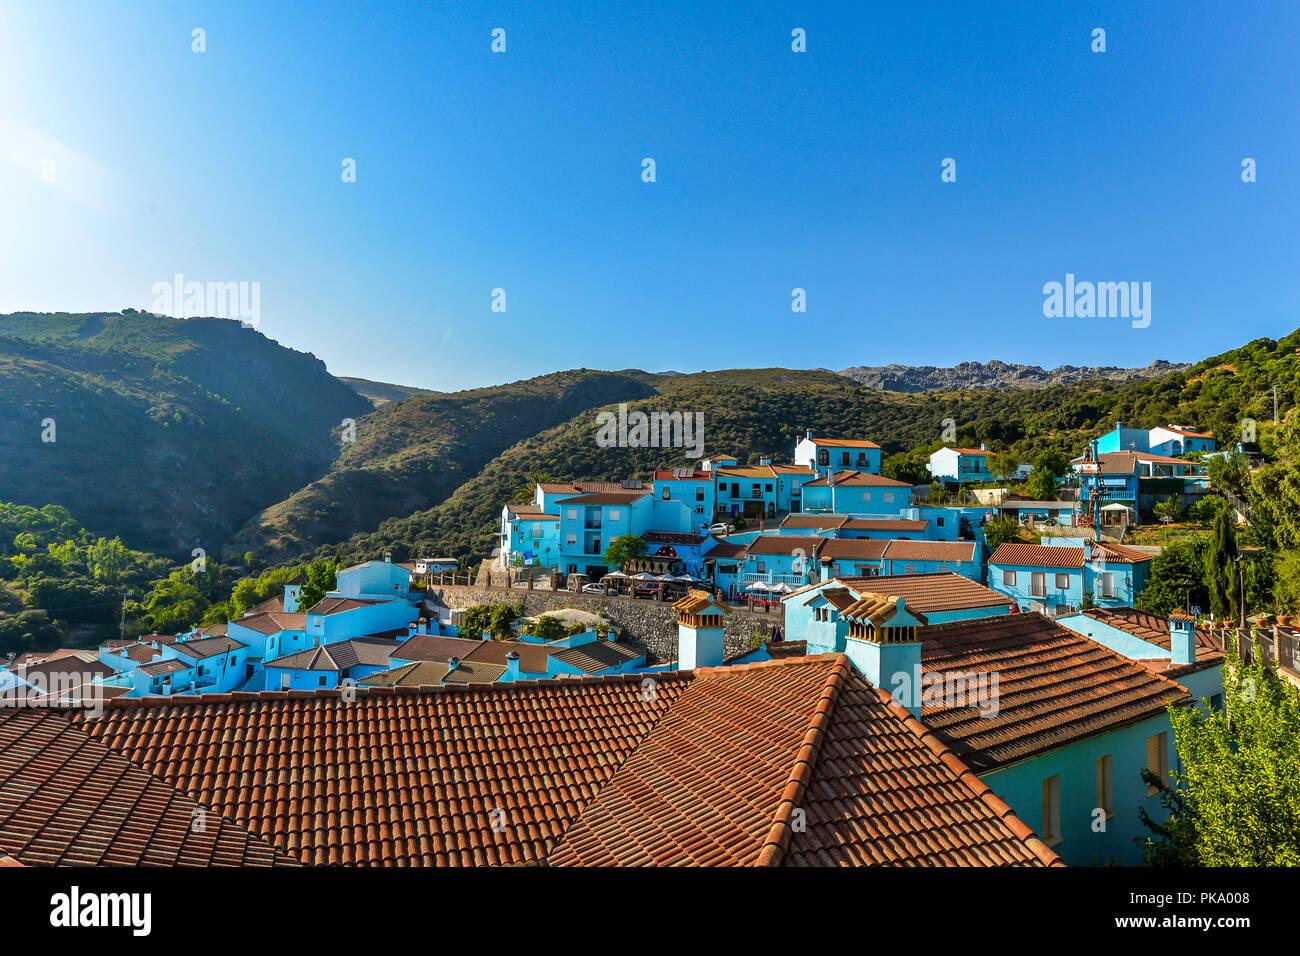 Der Schlumpf Dorf in der Nähe von Ronda - Andalusien, Spanien Stockbild